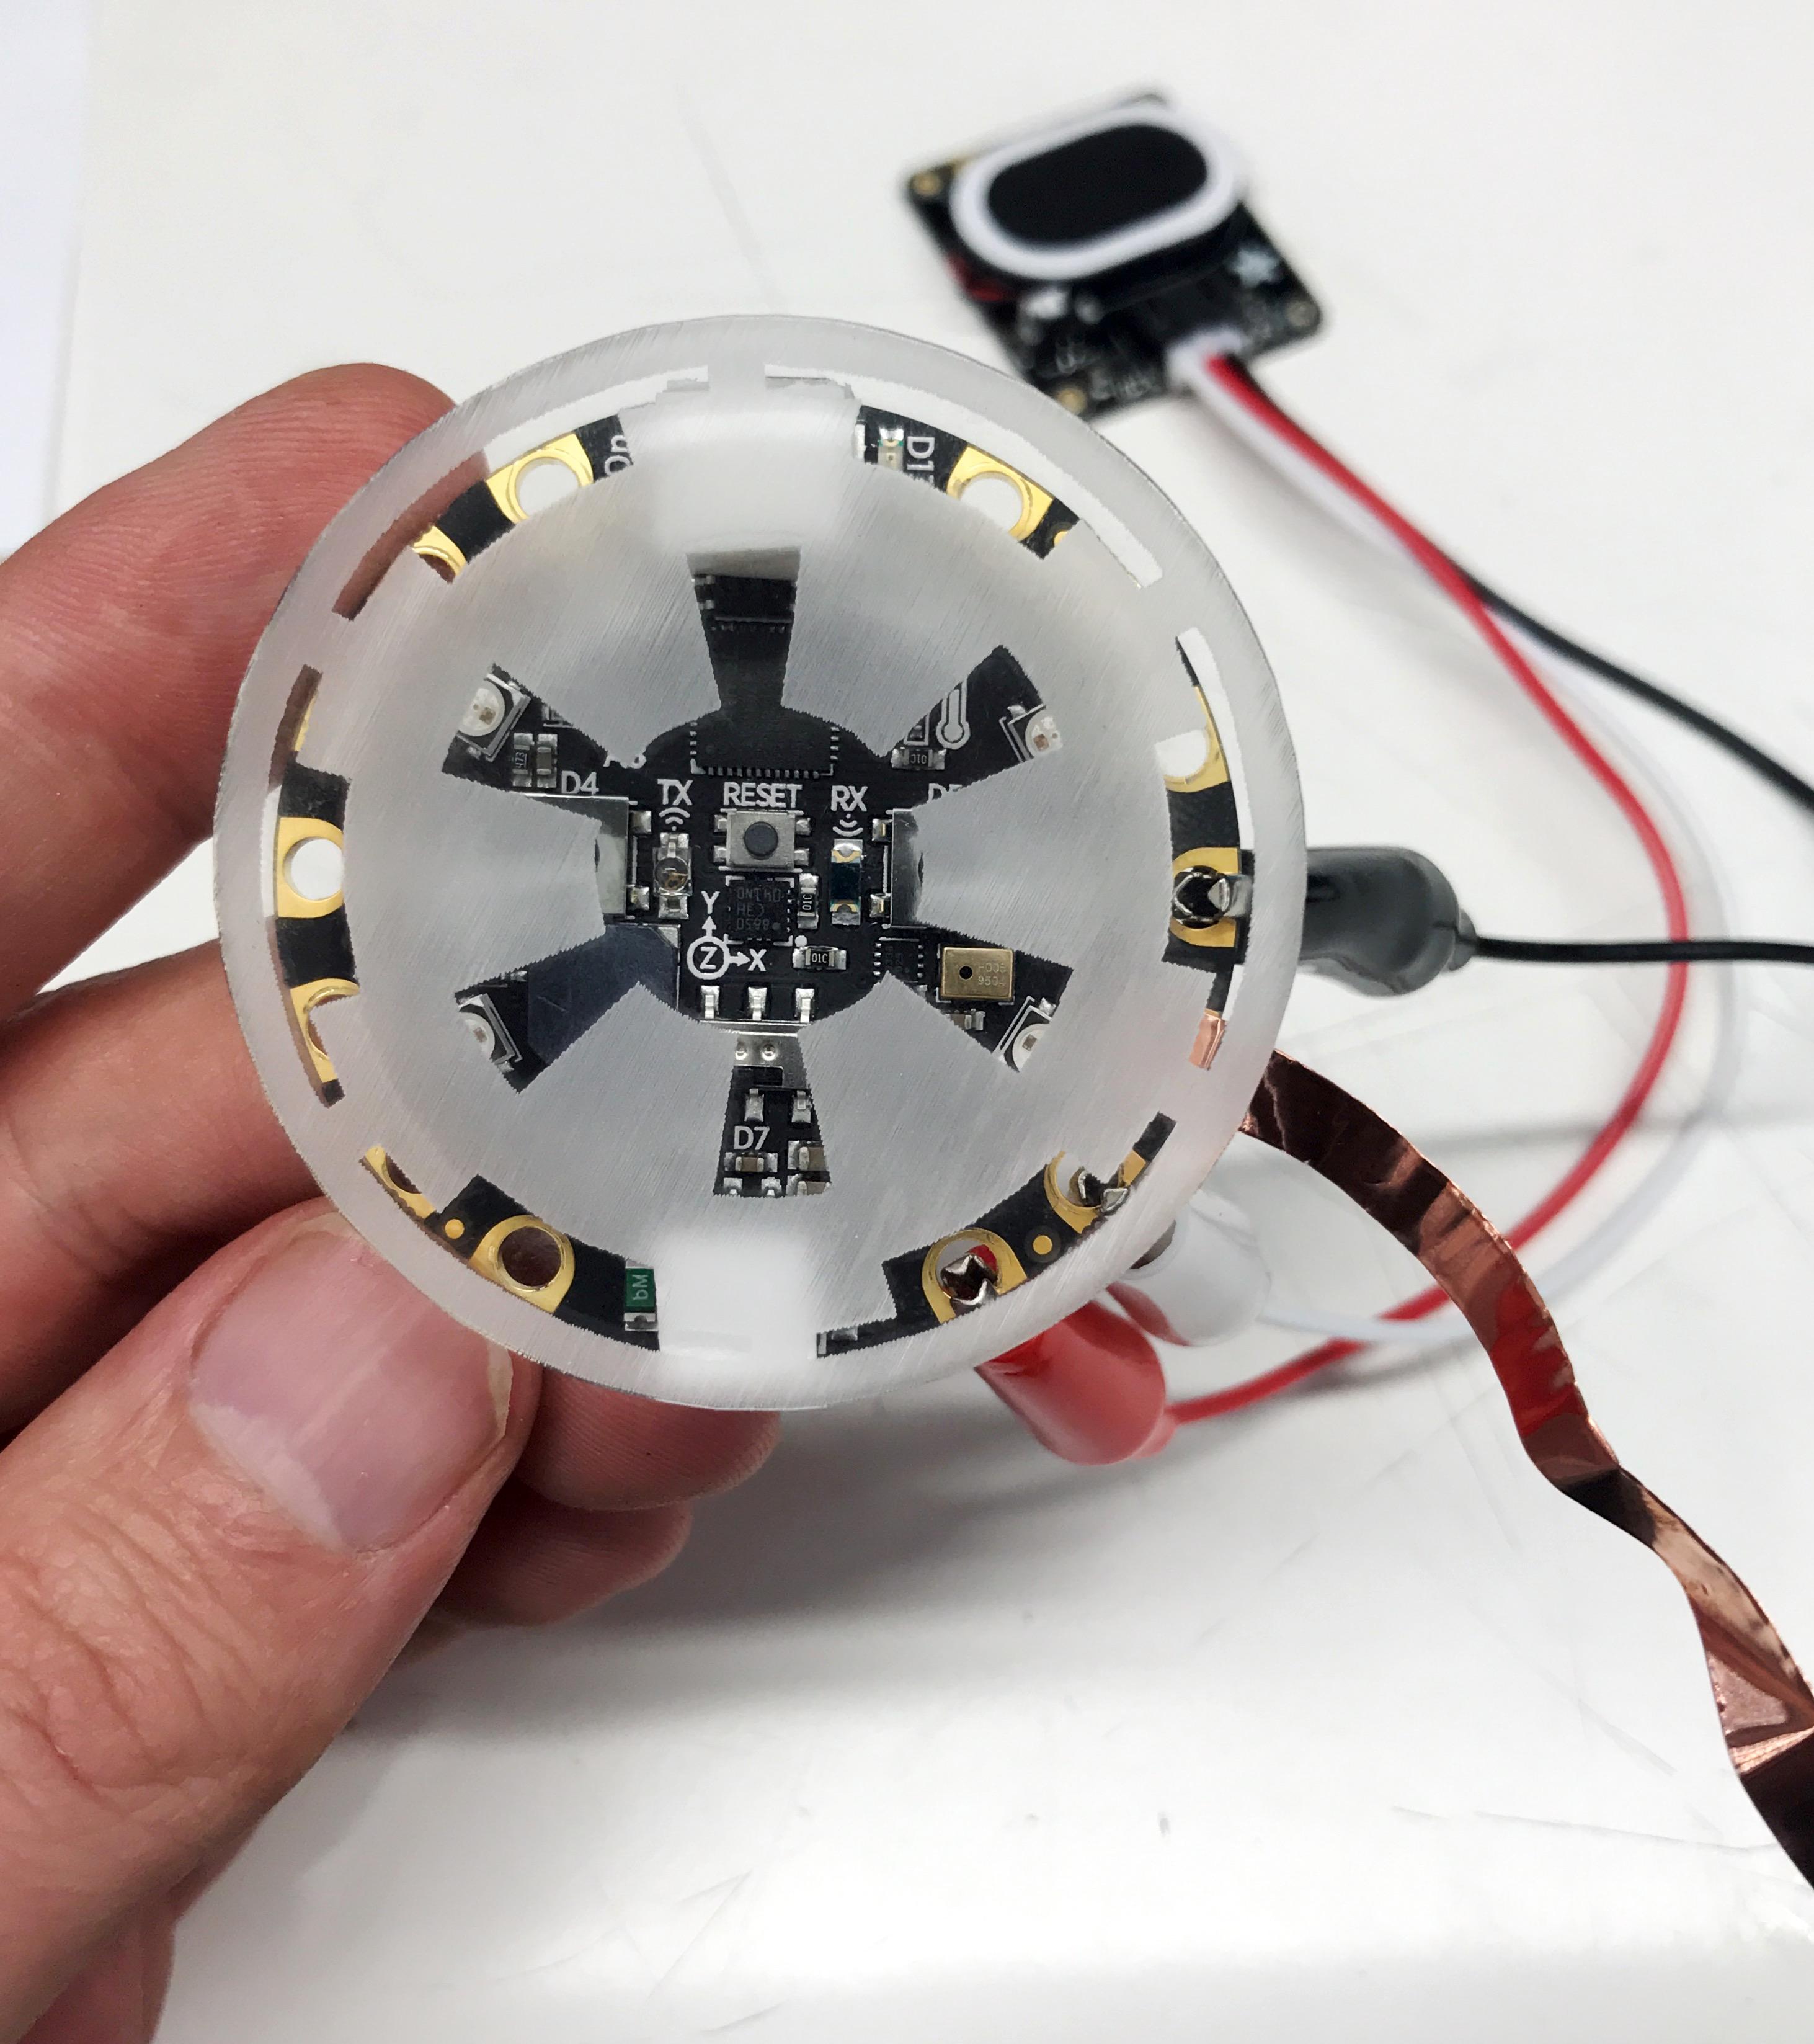 circuitpython_F1C87A32-8DA8-4D75-B76B-2756711677A5.jpg